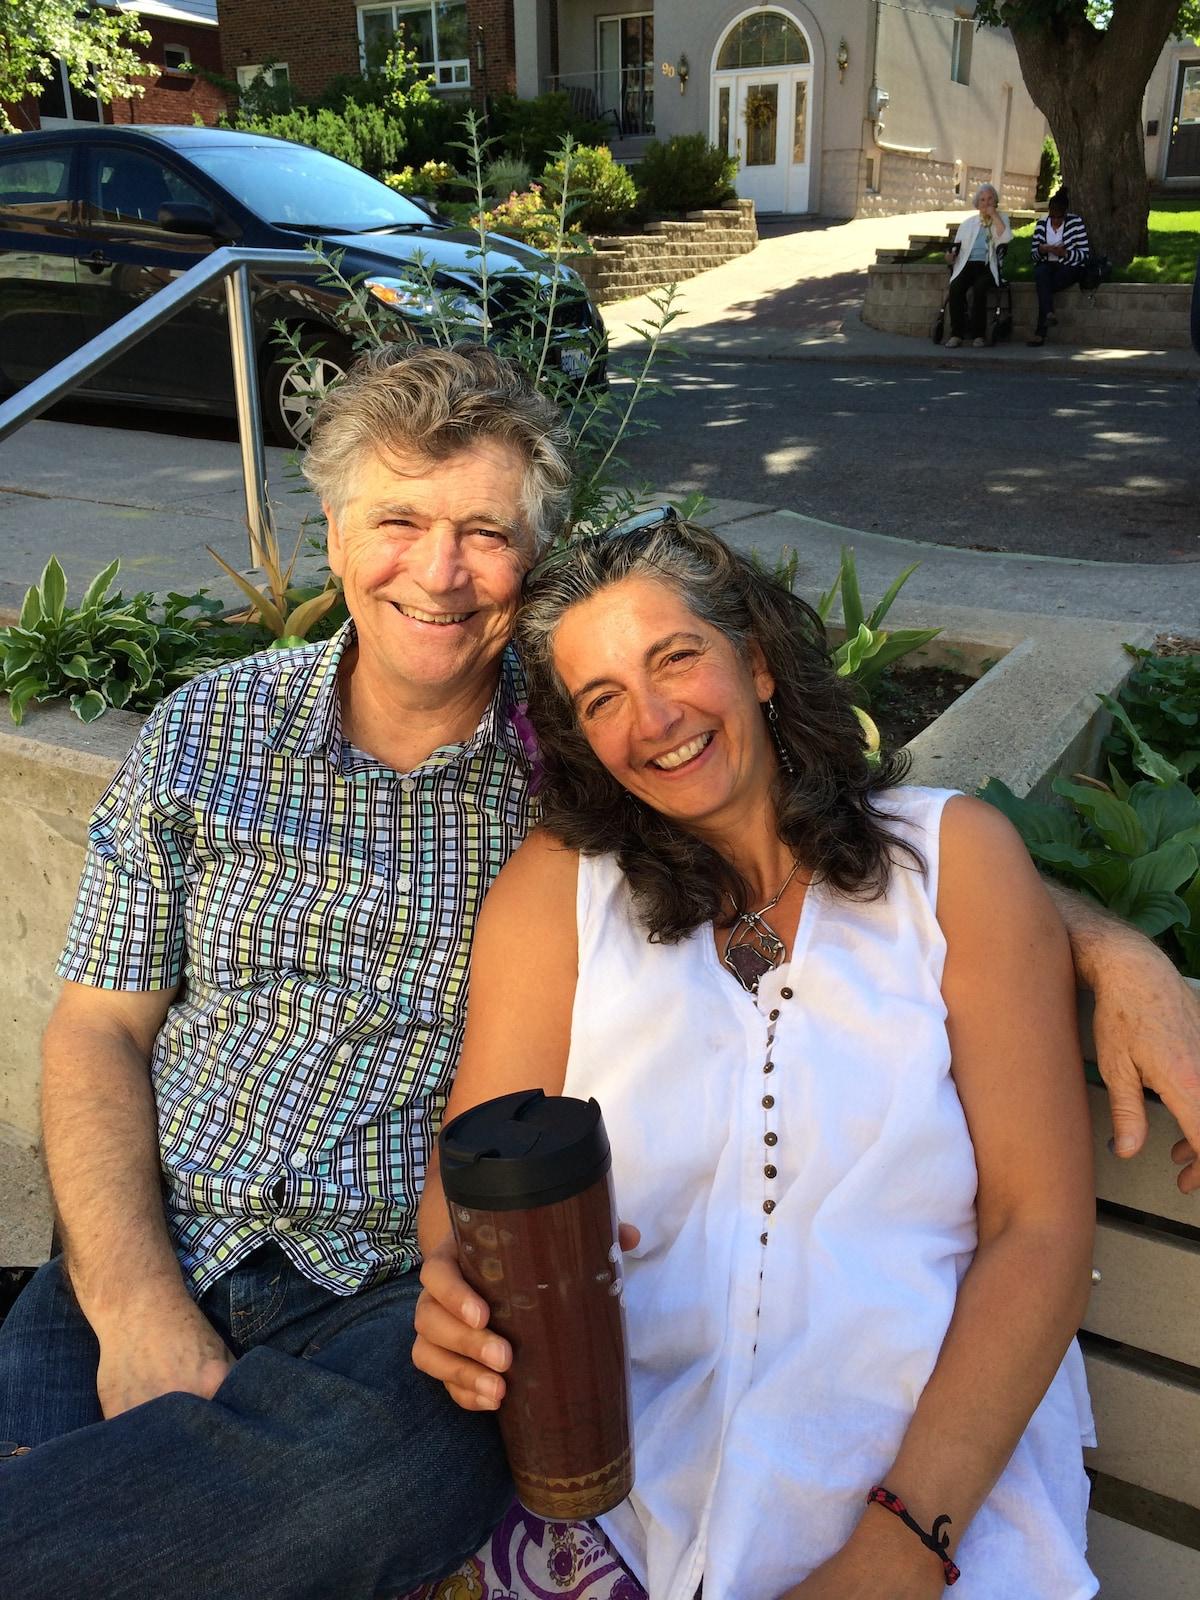 Jon And Satya From Mono, Canada